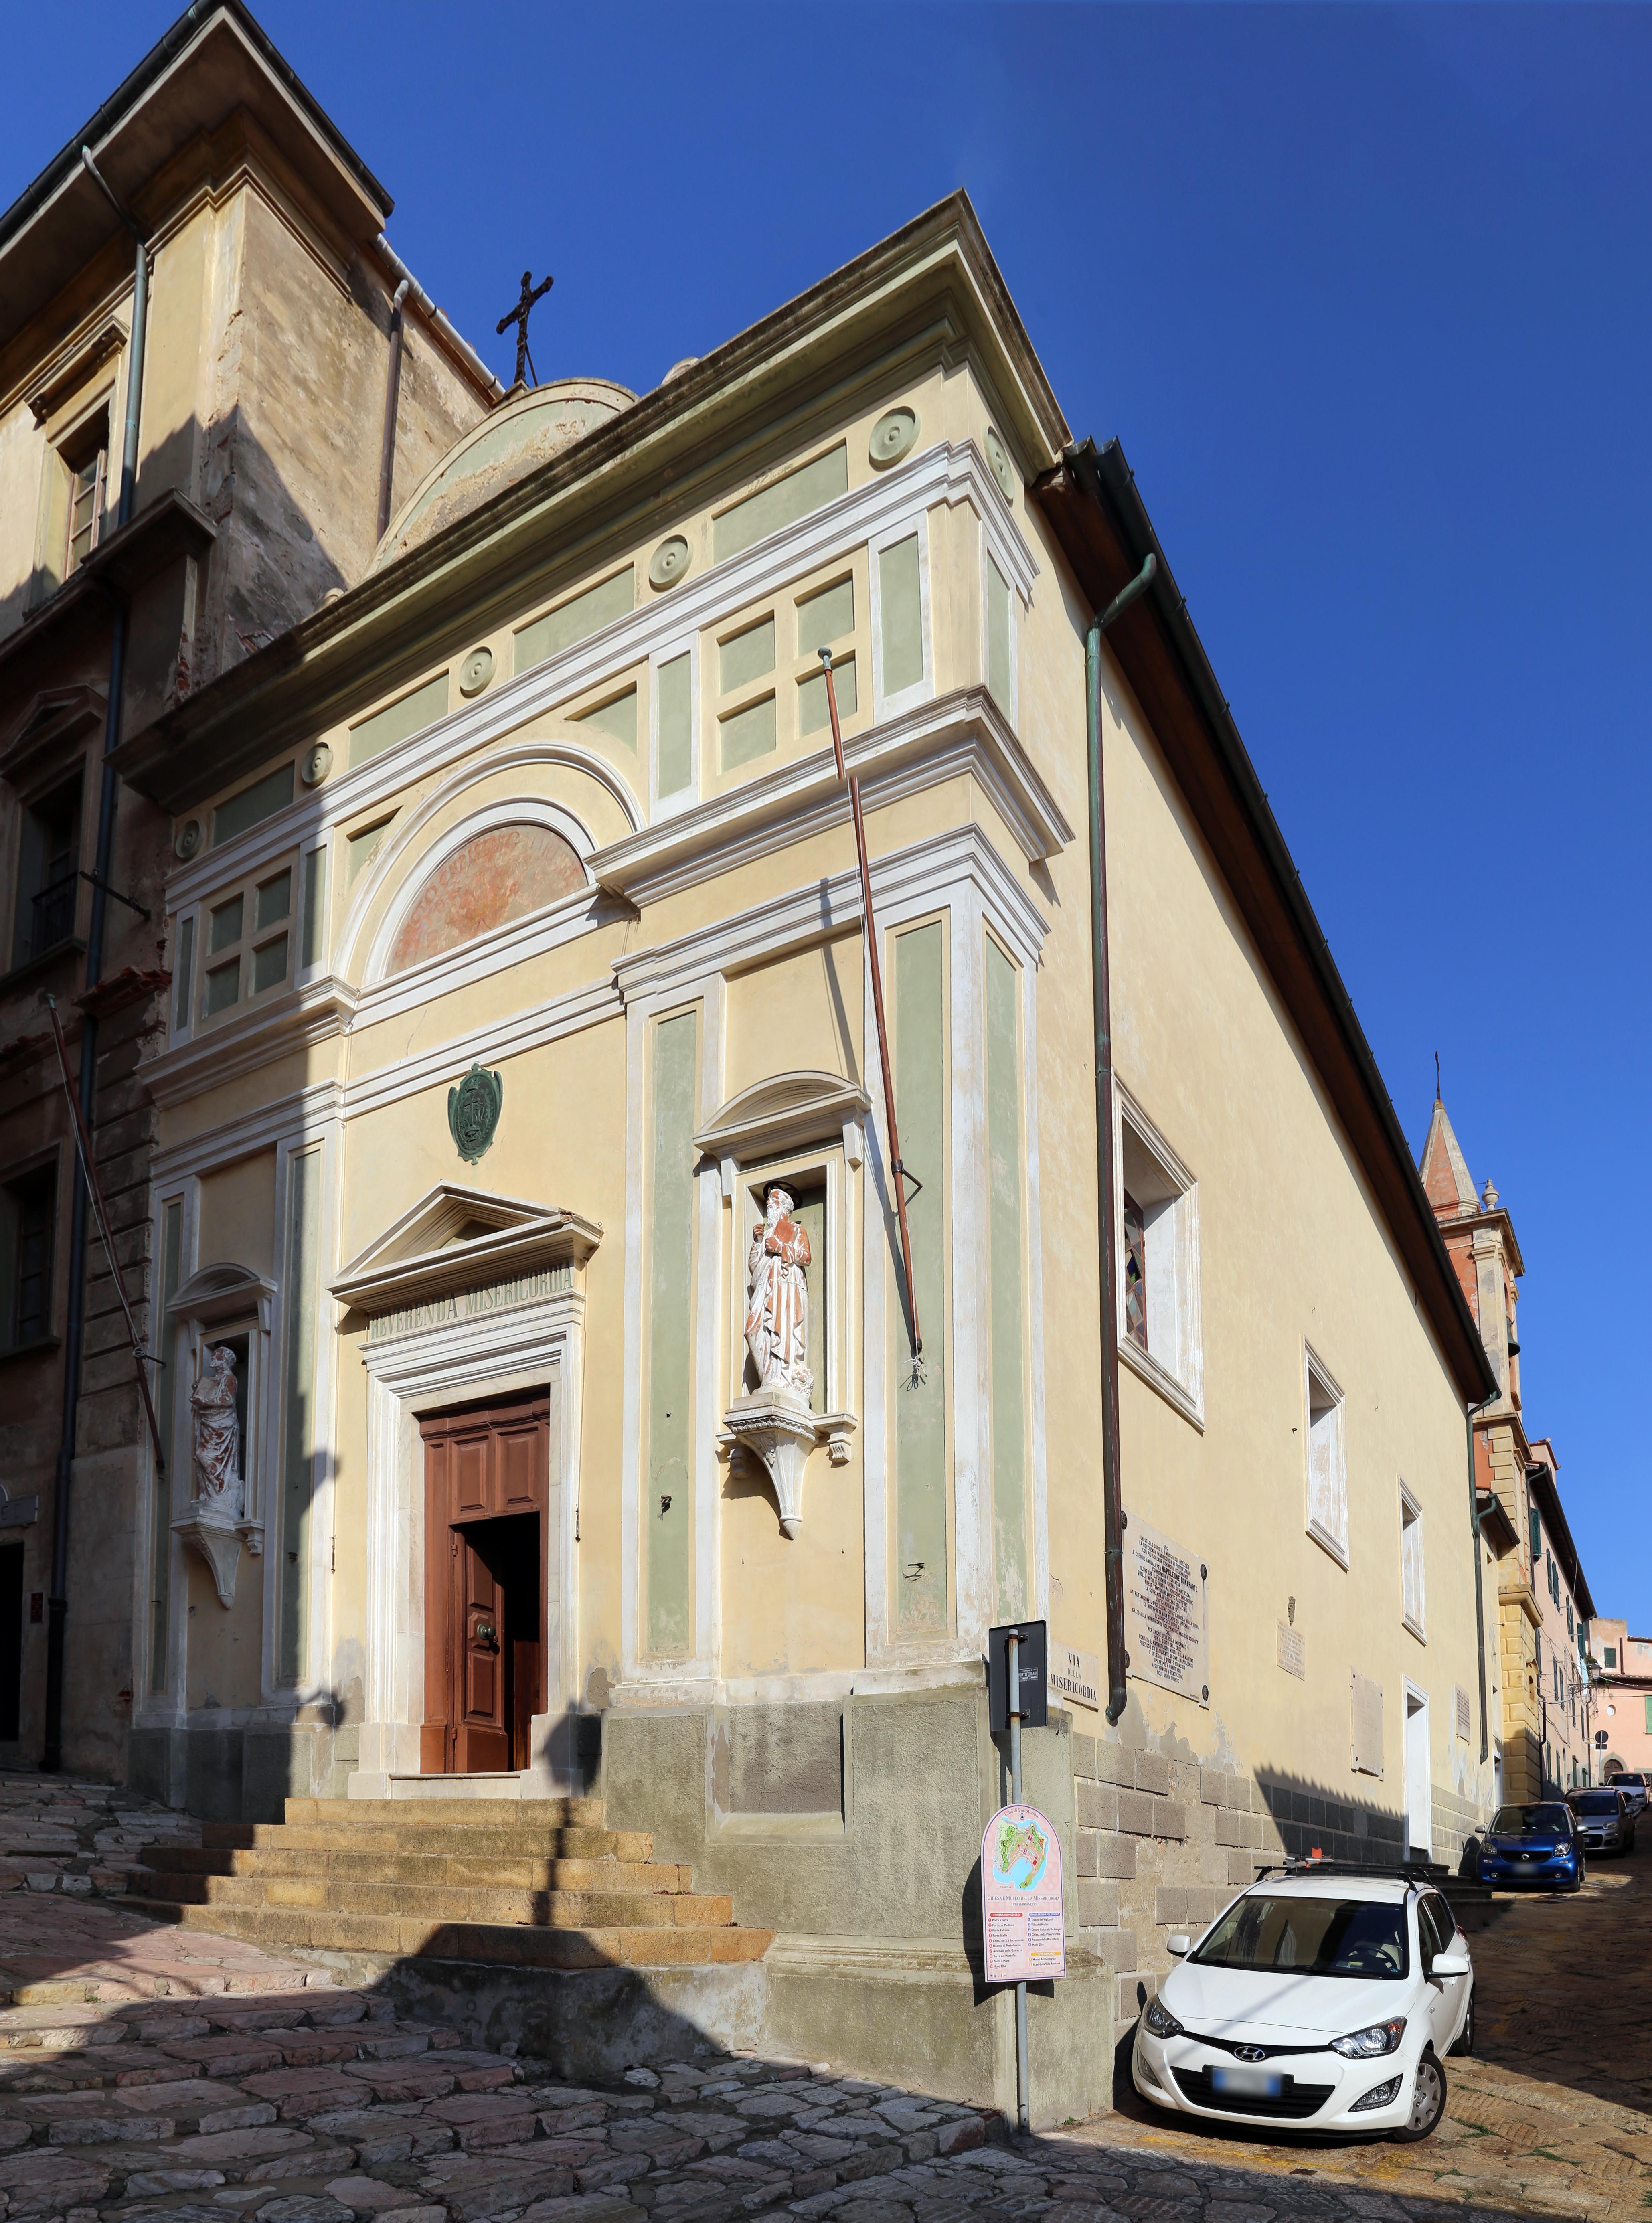 File:Portoferraio, chiesa della misericordia (san cristino), esterno 01.jpg - Wikimedia Commons